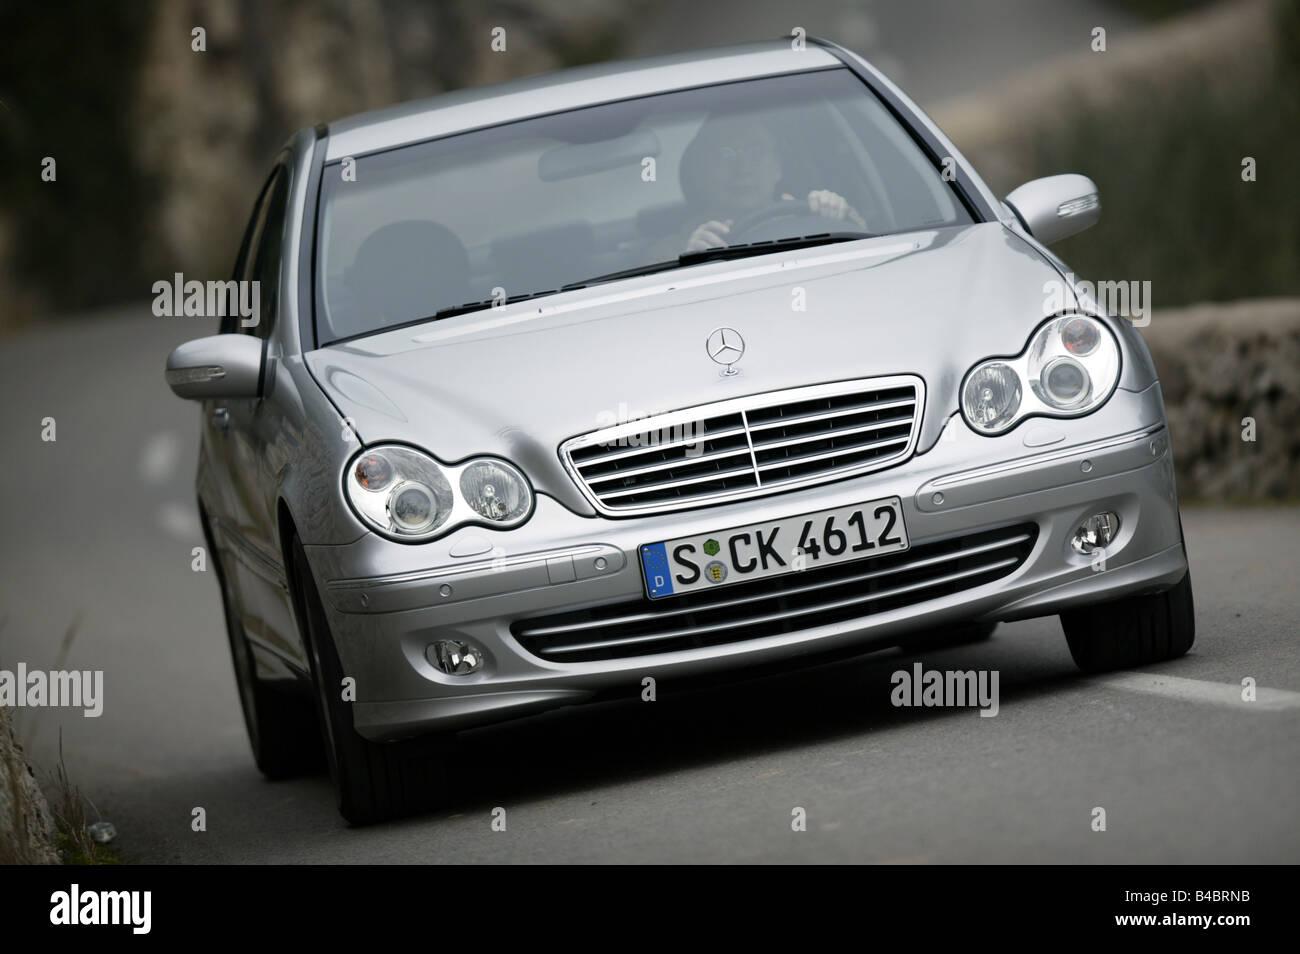 004754595c2249 Car